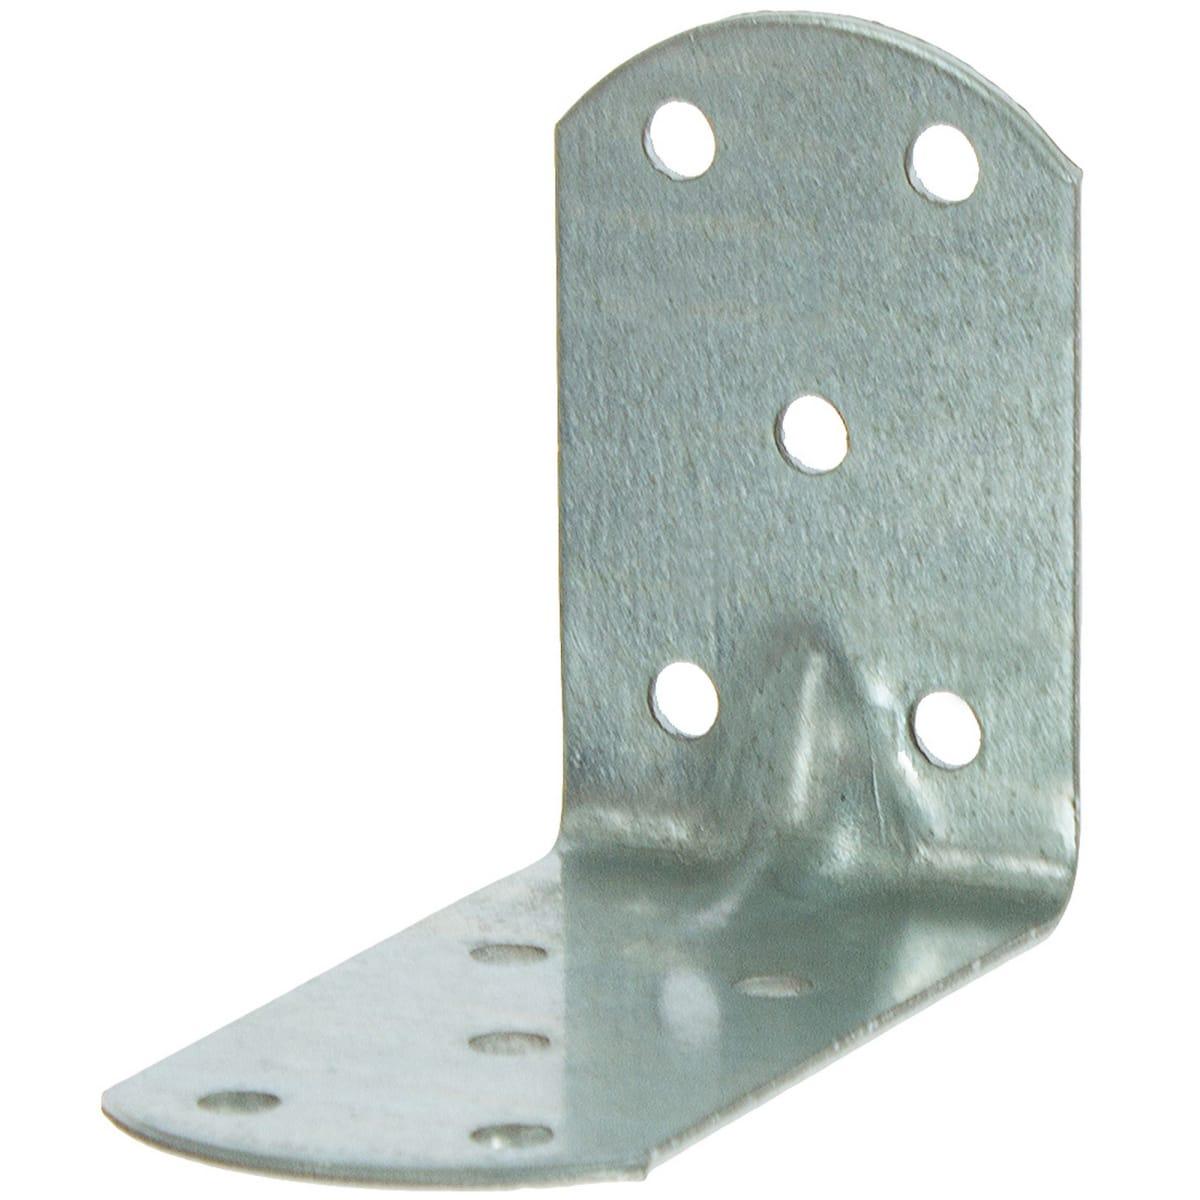 Уголок крепежный 60х40х80х2 мм